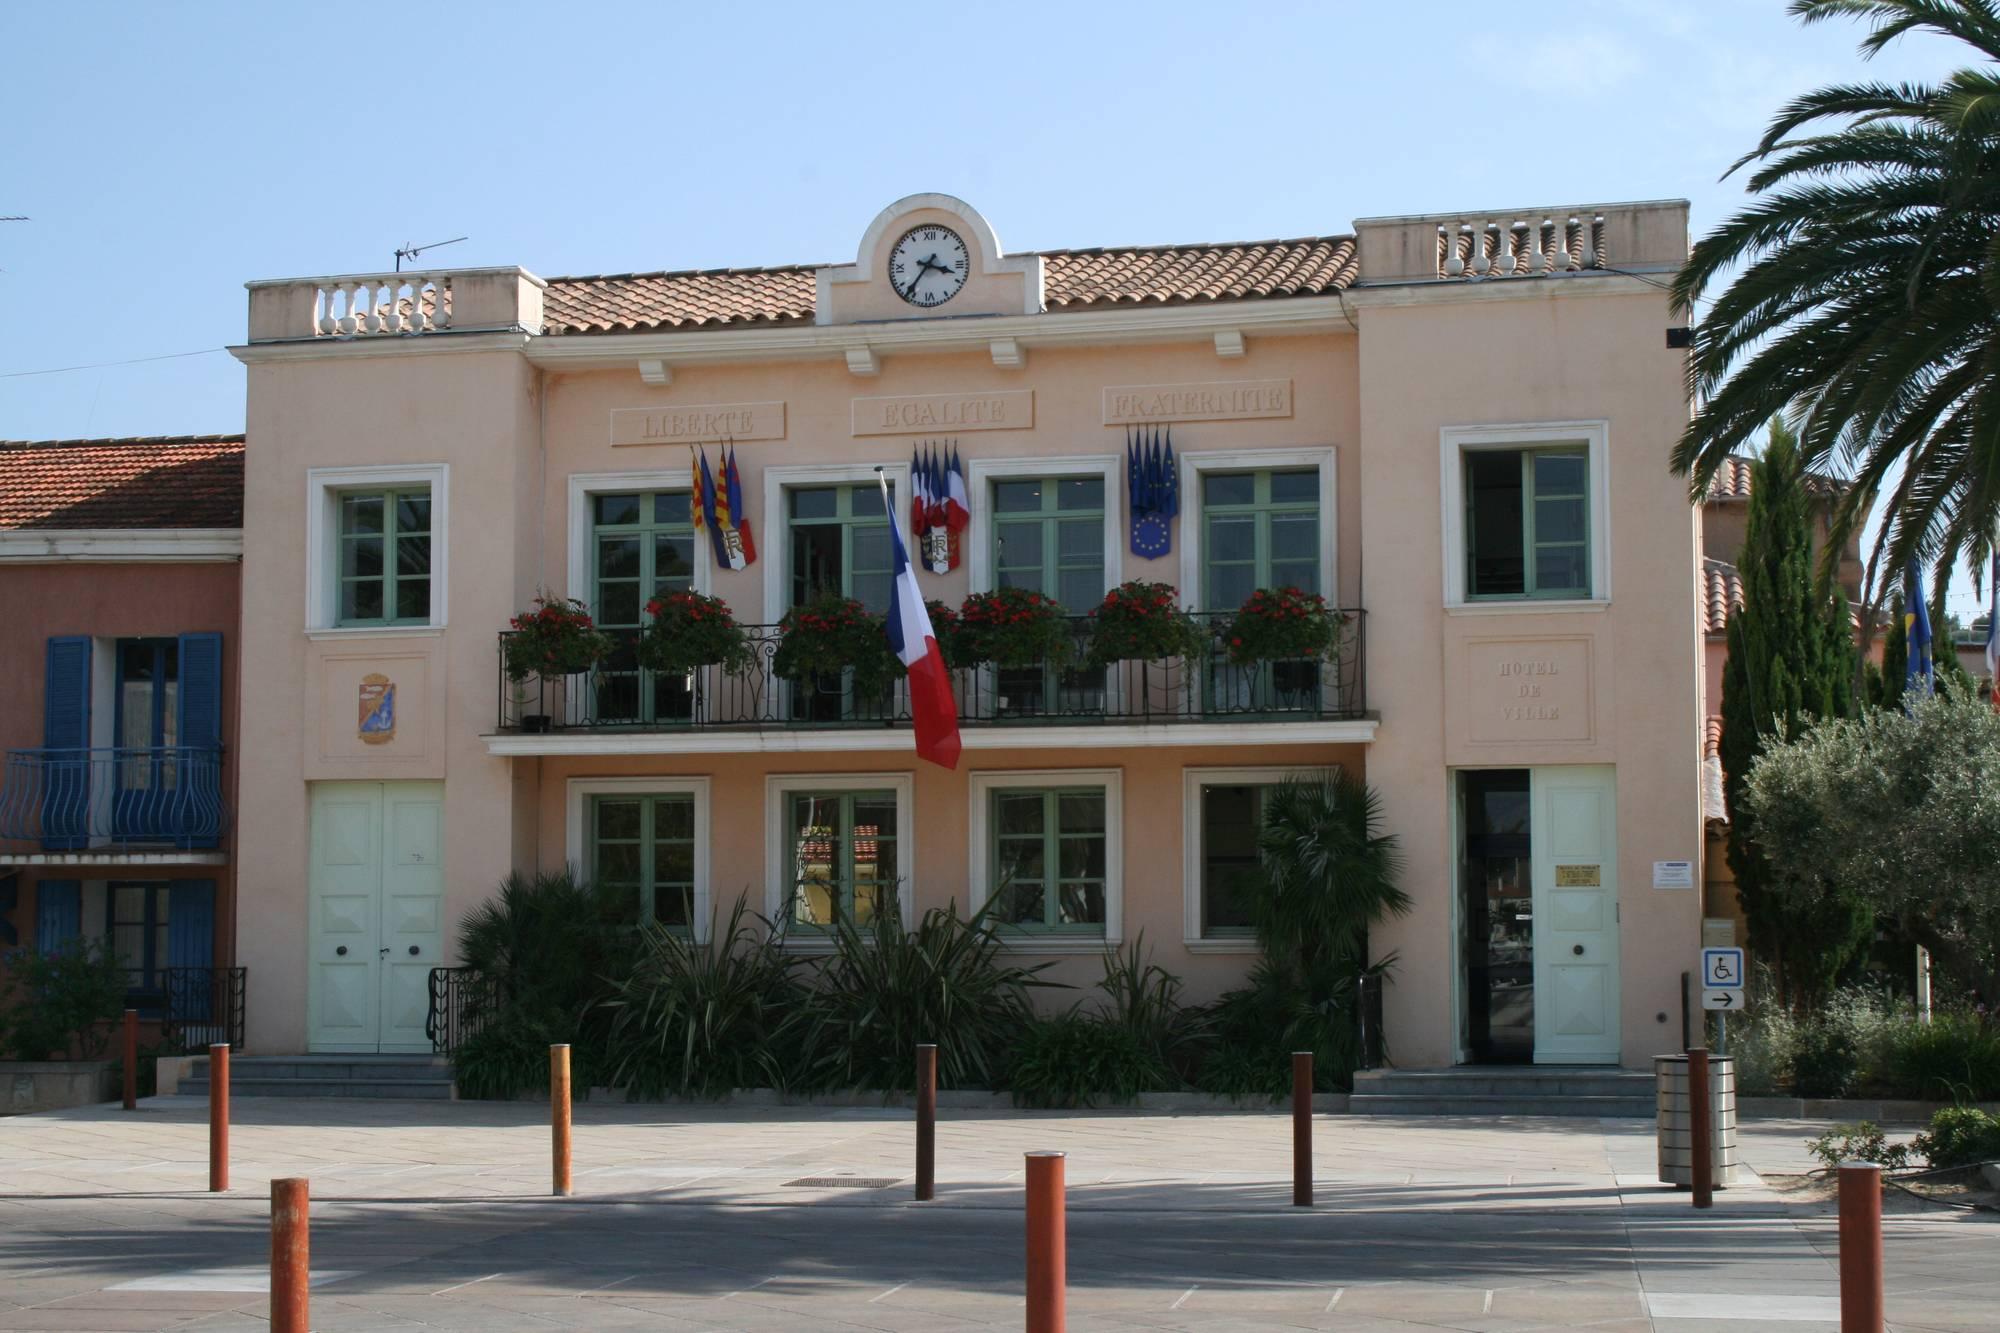 5-hotel-de-ville